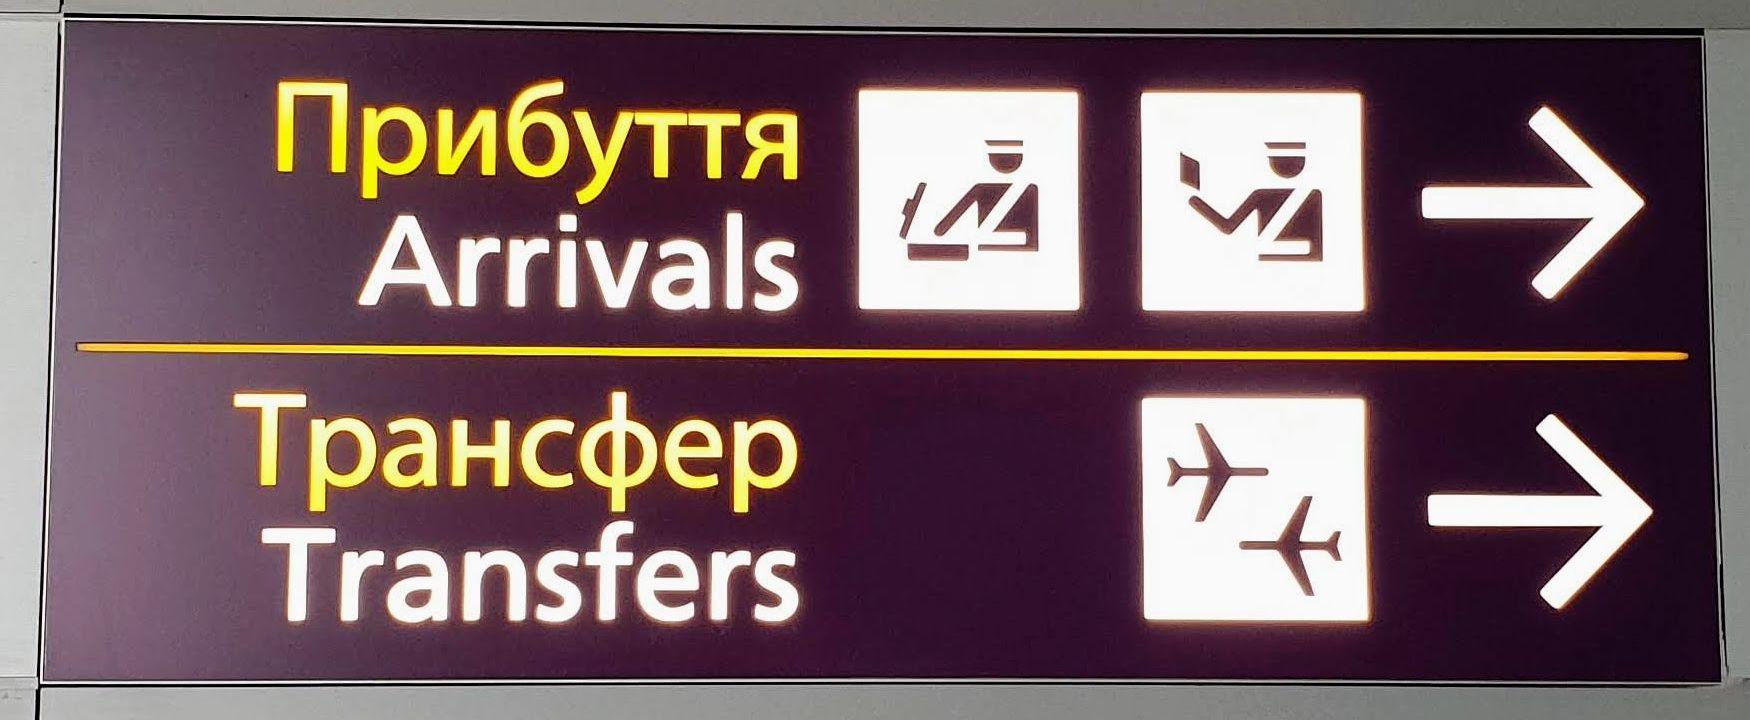 שלט בשדה התעופה בקייב להכוונה לקונקשן (טרנספר) וביקורת דרכונים